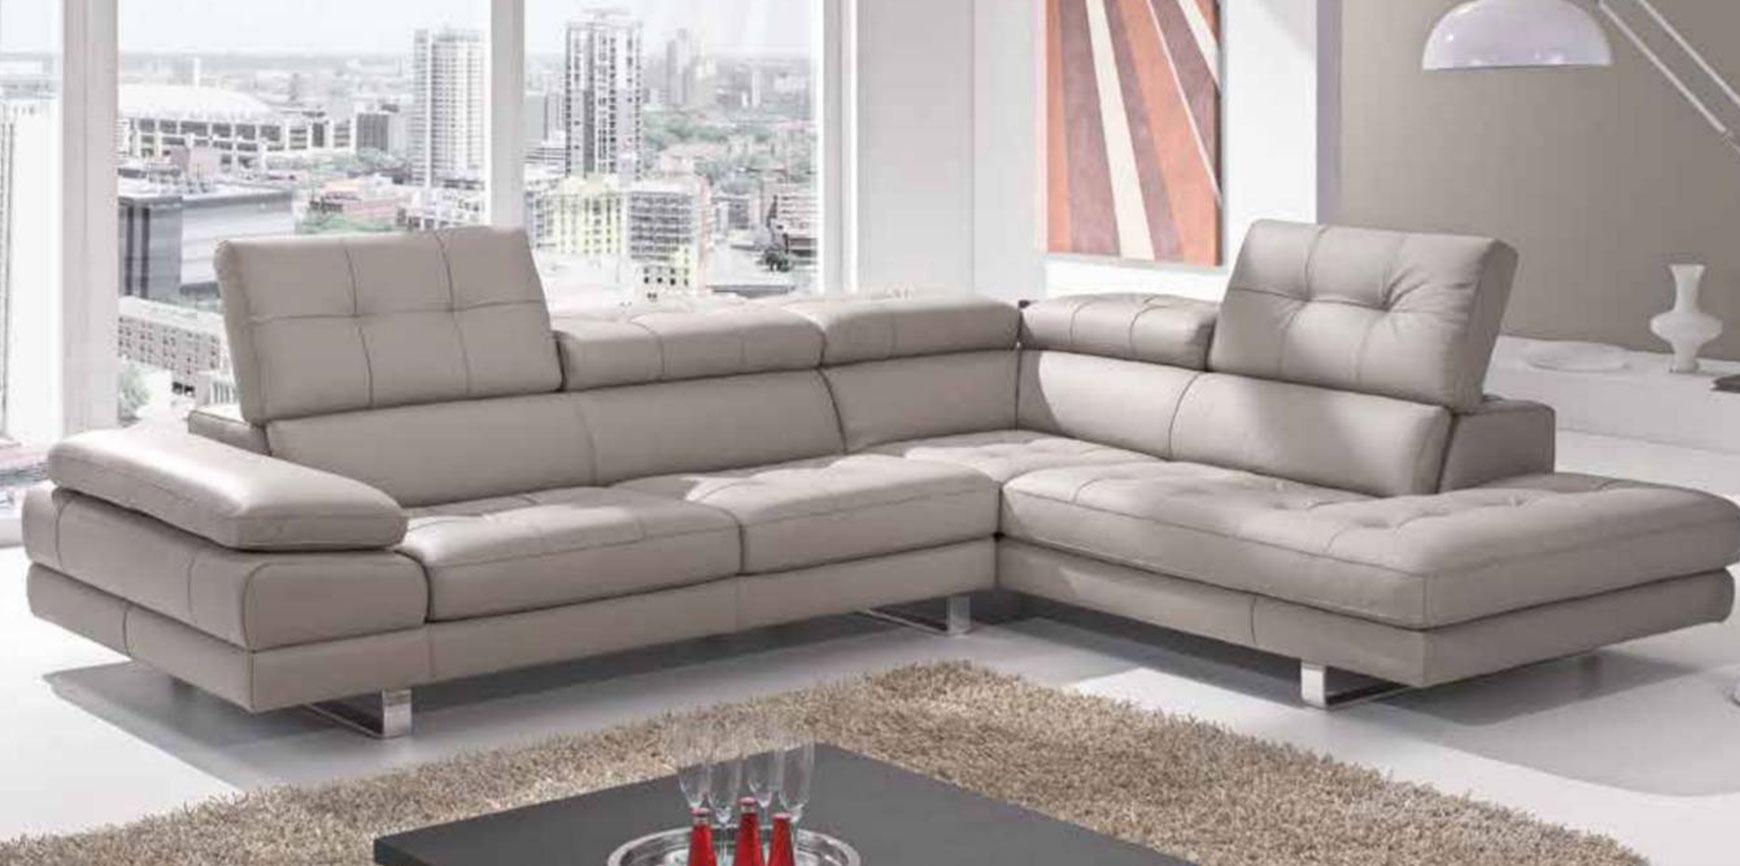 Offerte divani cagliari il salone del mobile negozio for Subito arredamento cagliari